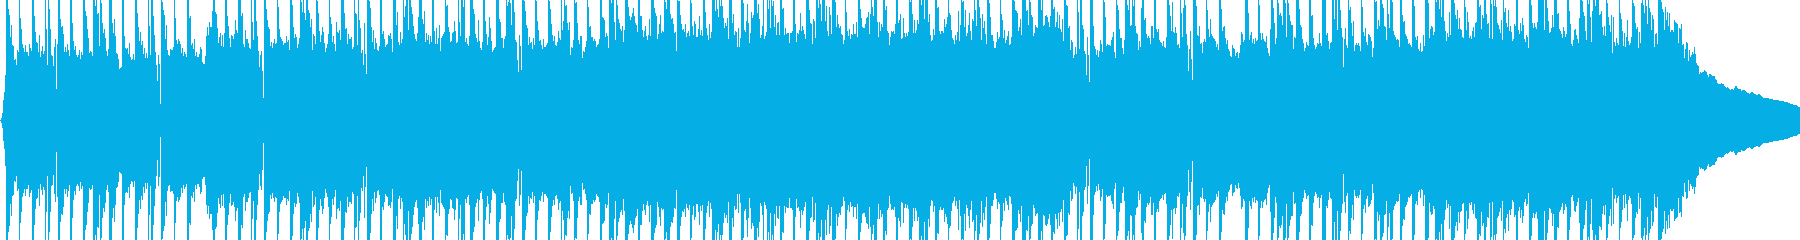 強いハードヘビーメタルの再生済みの波形